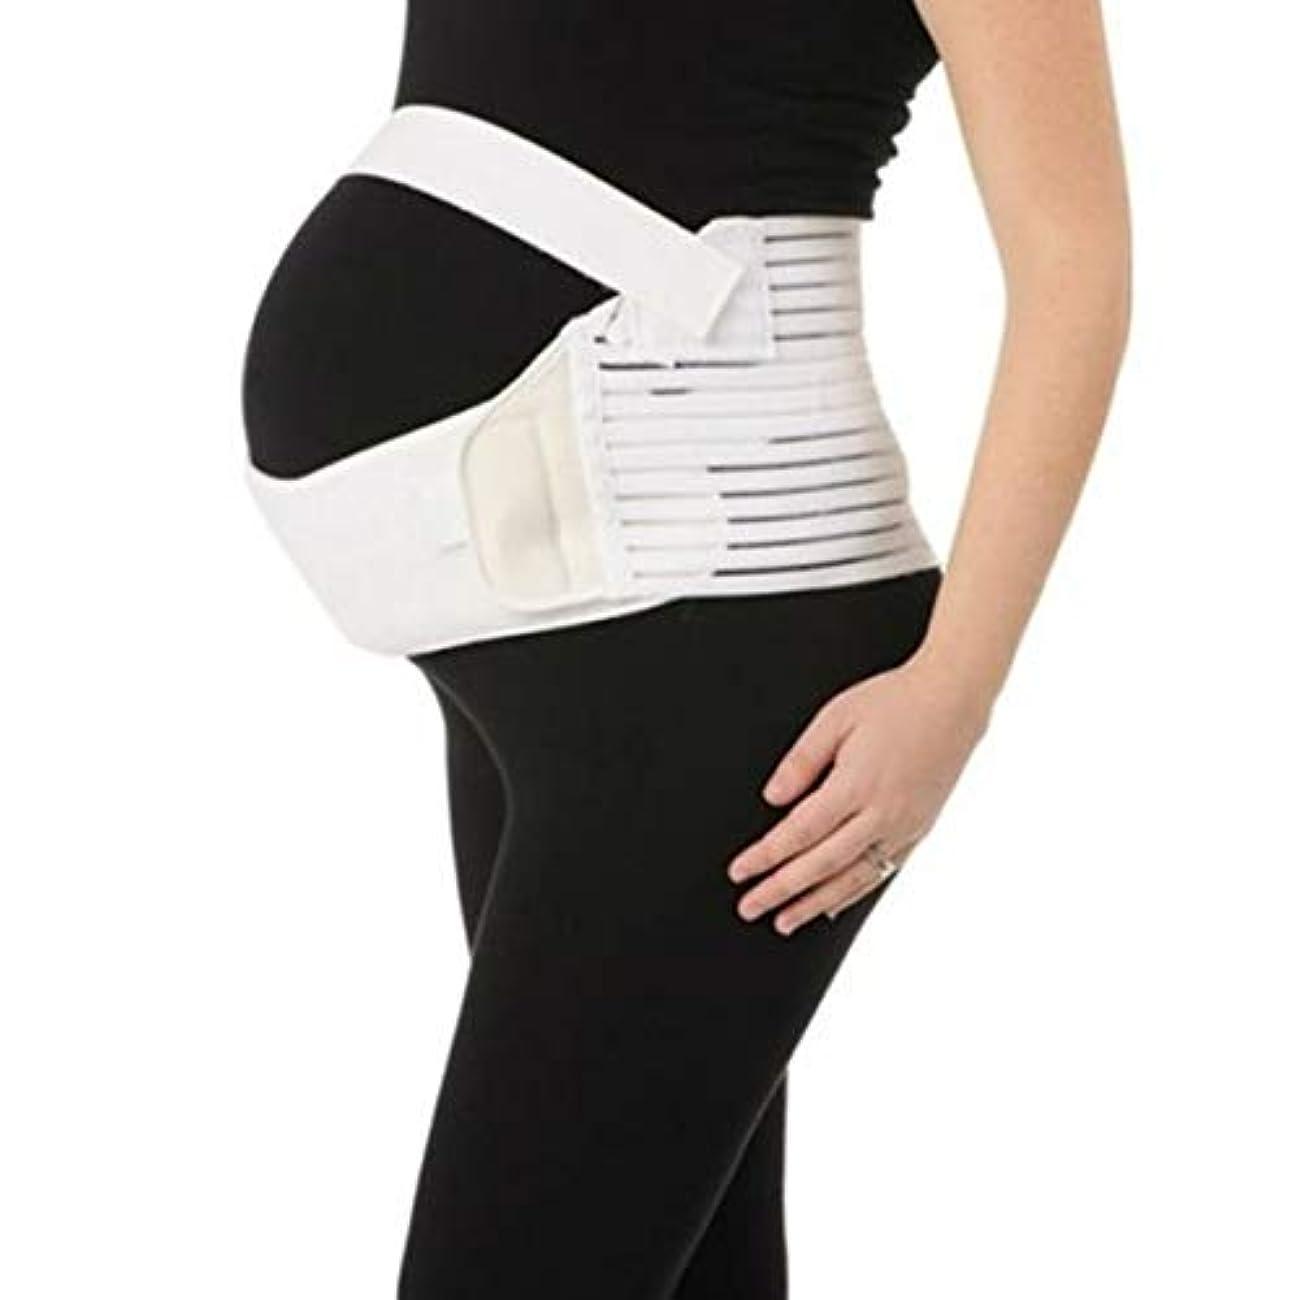 酸高尚なコンサート通気性マタニティベルト妊娠腹部サポート腹部バインダーガードル運動包帯産後の回復shapewear - ホワイトL